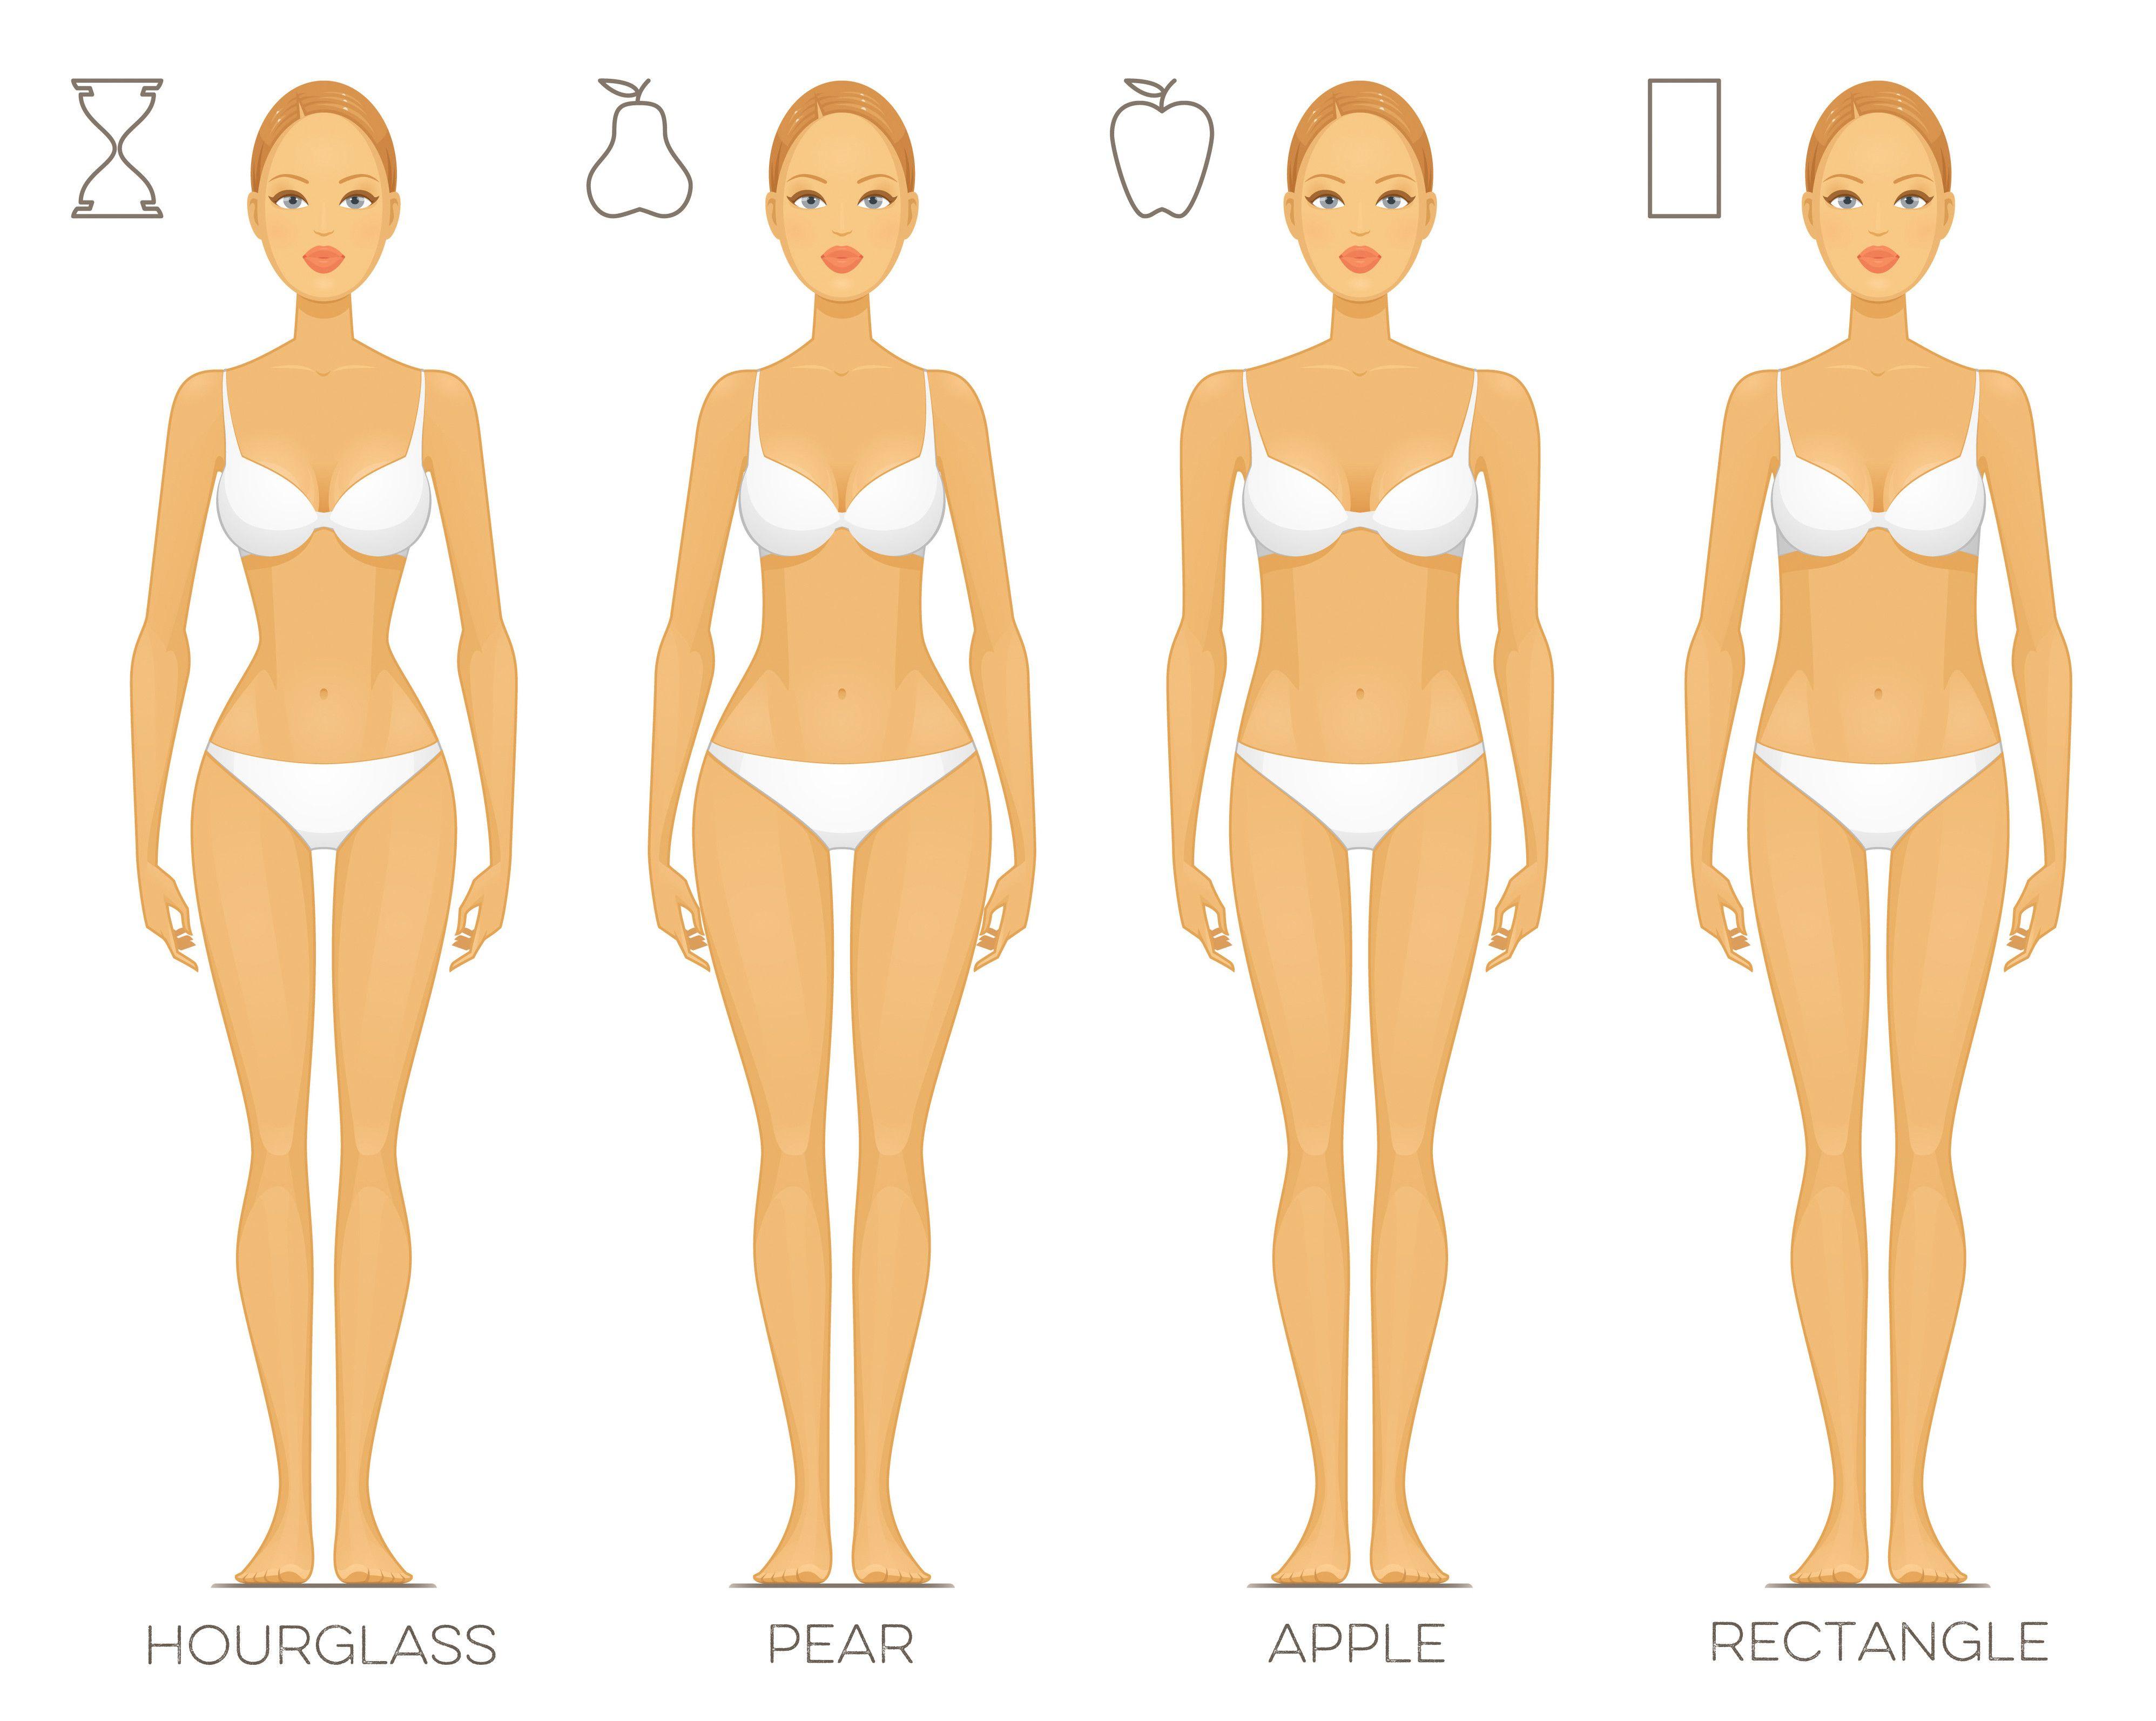 Как Быстро Похудеть При Фигуре Груша. Как похудеть при типе фигуры Груша. Как похудеть с типом фигуры «груша»? Диета и упражнения